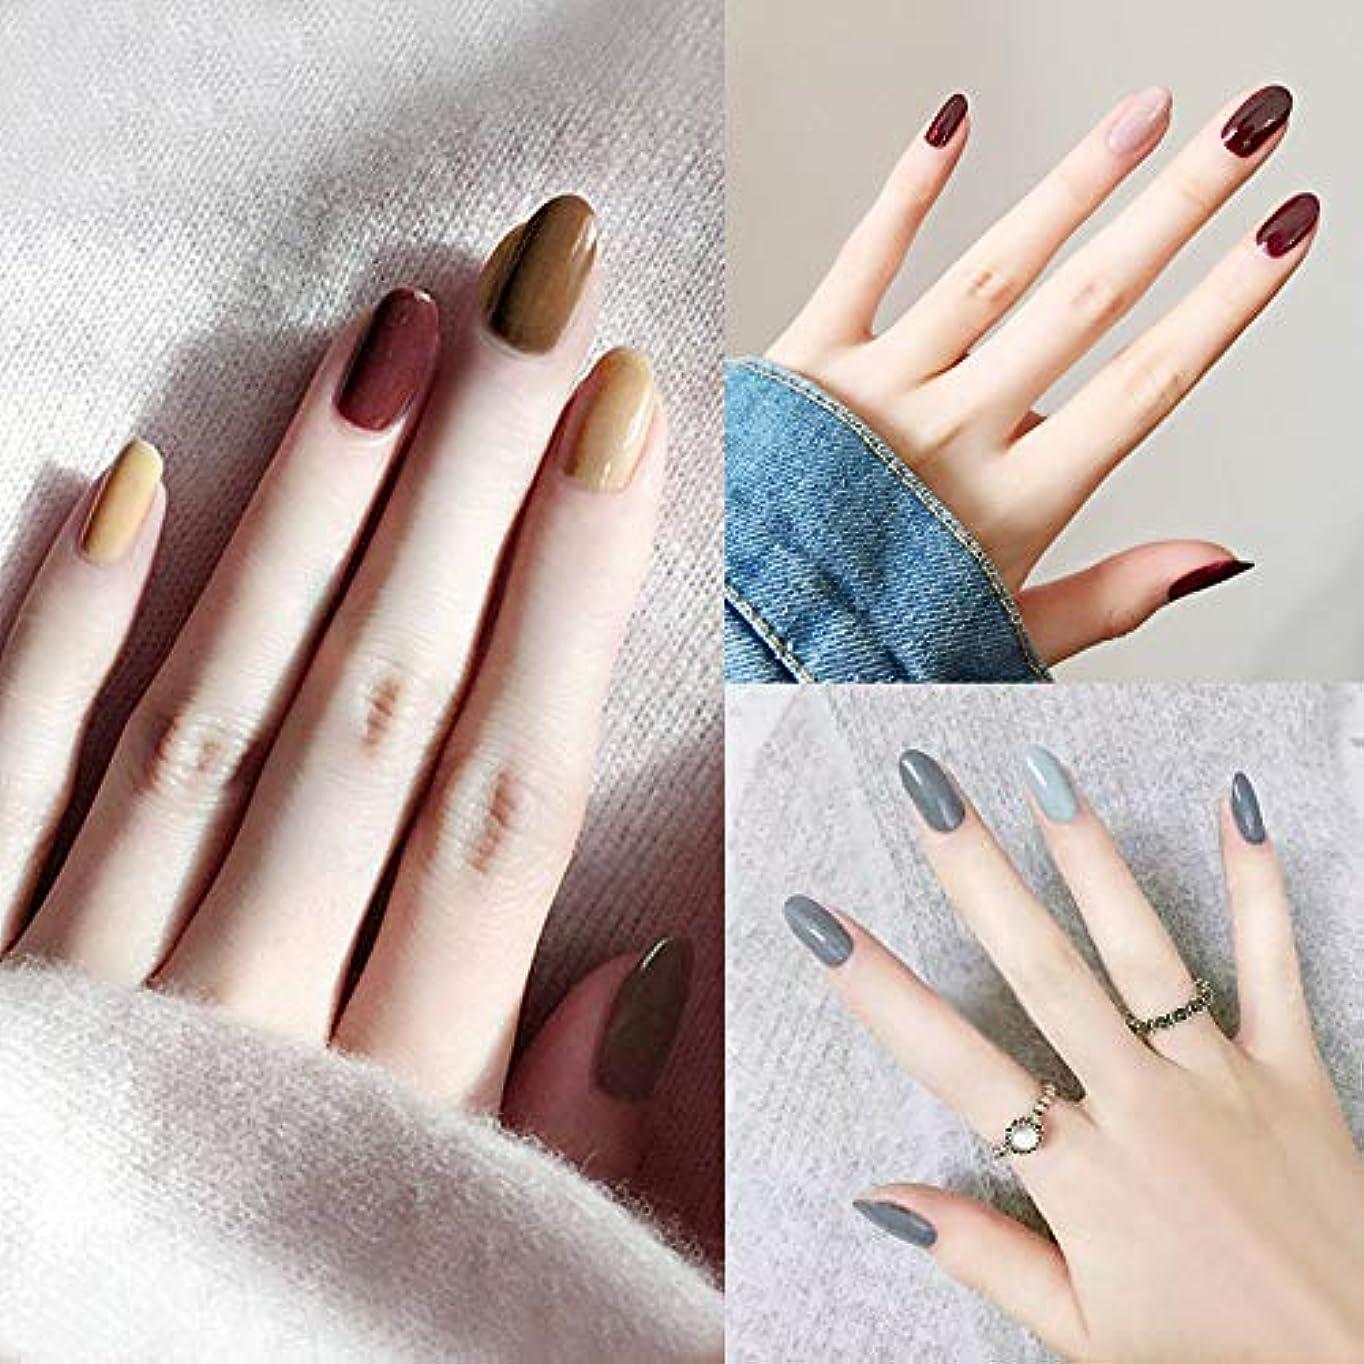 発明する読む分散ファッションレッドクリームインクハリスタイル偽爪純粋な色偽爪24ピースフルブライダルネイルのヒント滑らかな指装飾のヒント接着剤付き人工爪